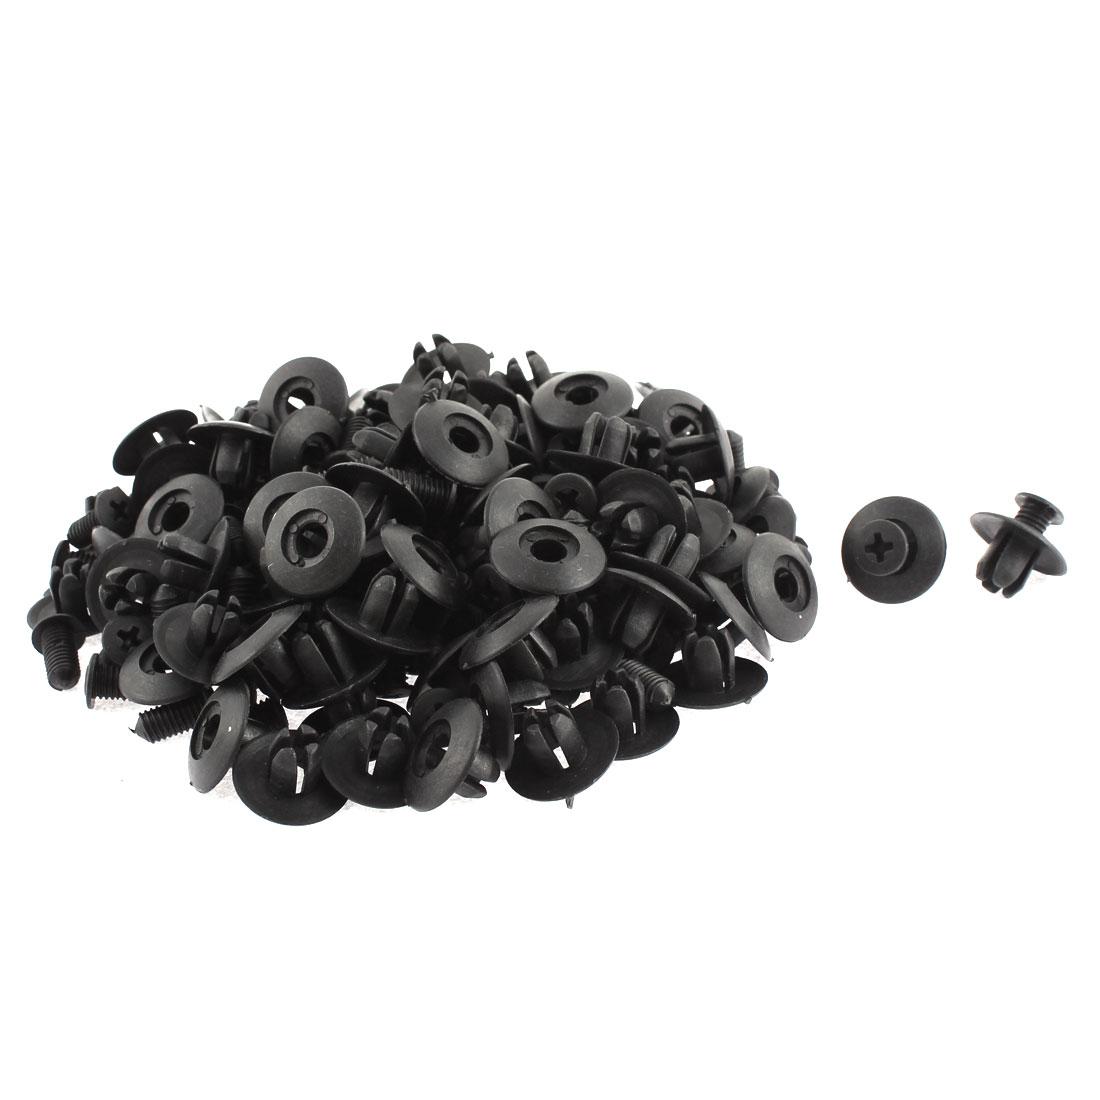 8mm Dia Black Plastic Rivet Fastener Fender Car Bumper Push Clip 100pcs